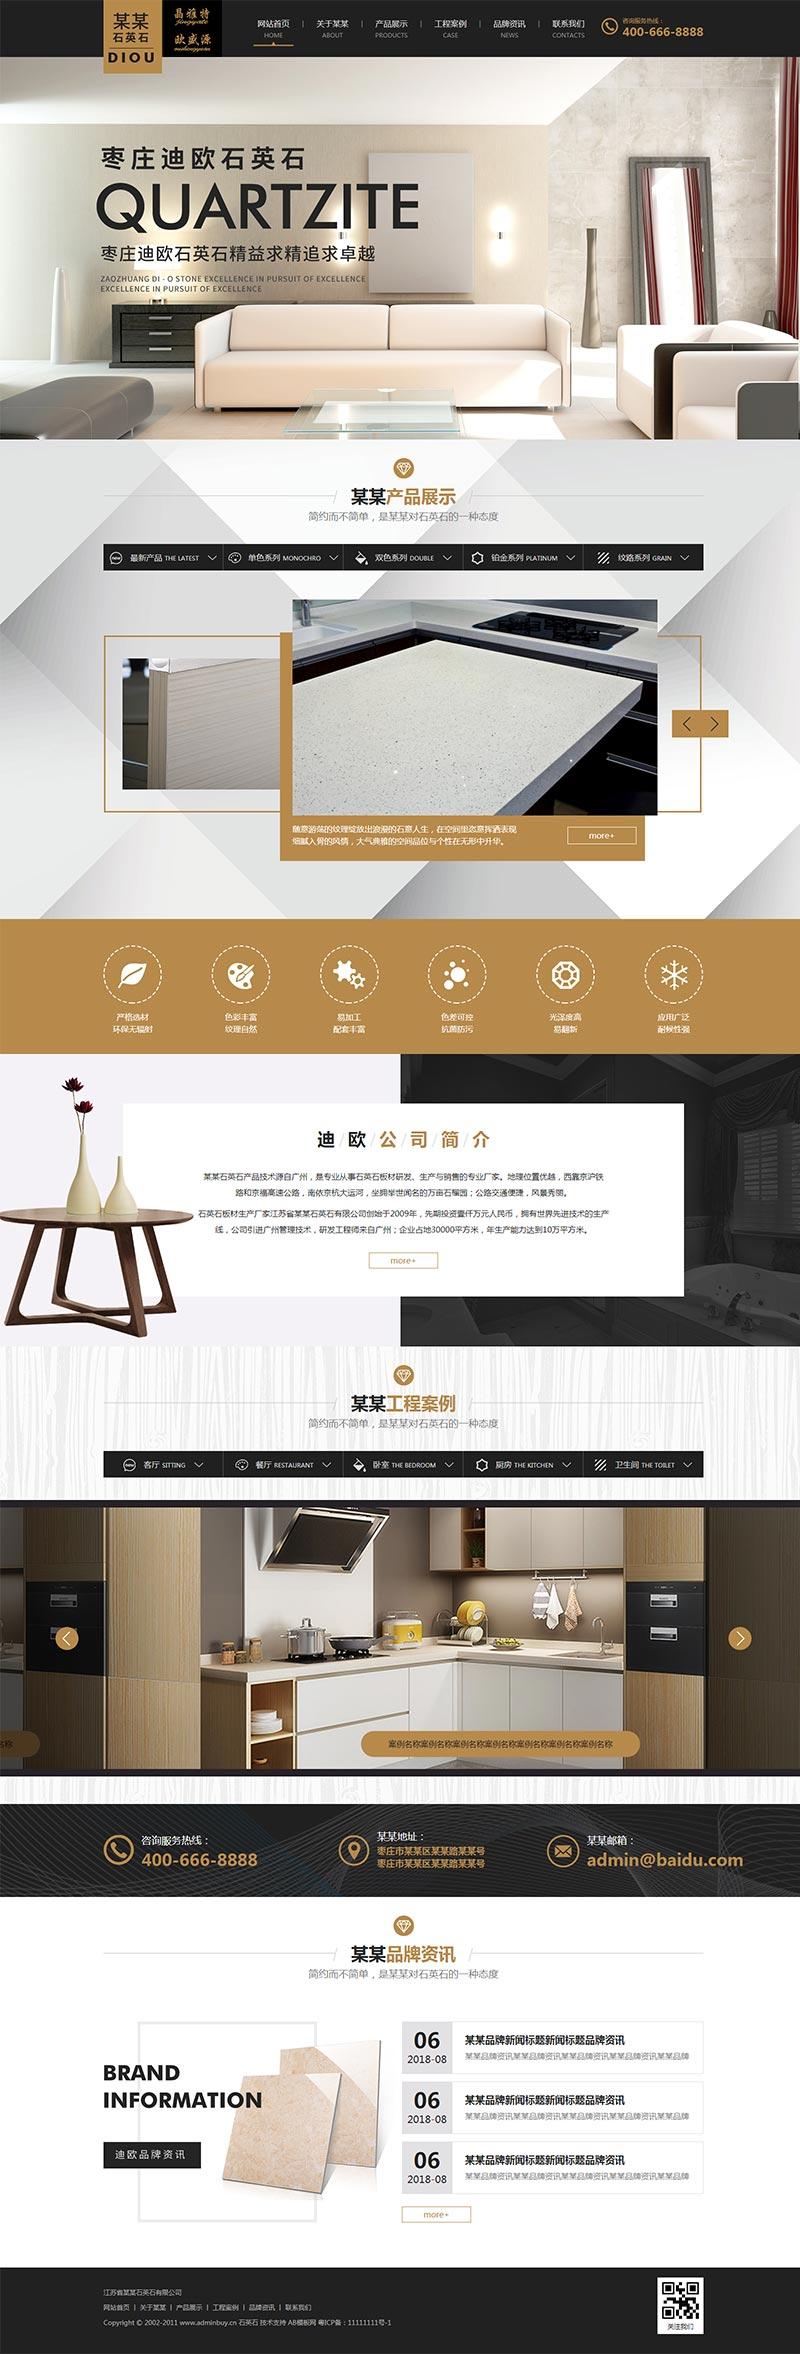 大理石建材企业静态网站模板